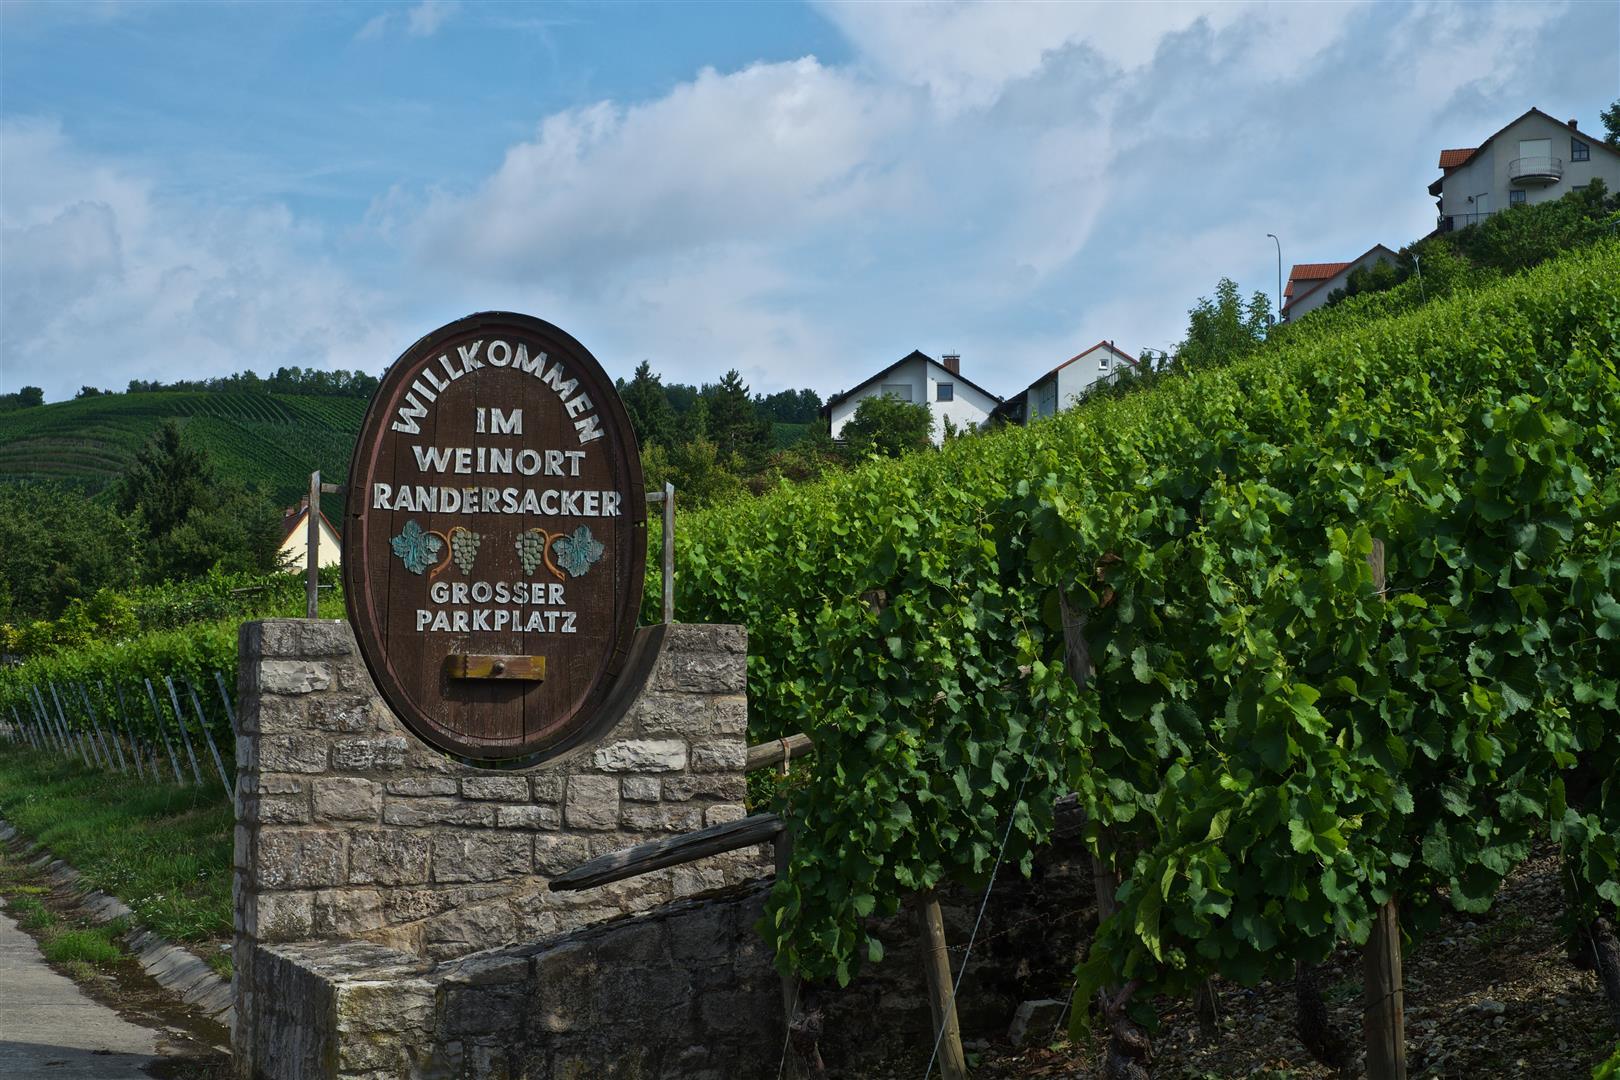 Meine Heimat: Mainfranken – Weinfranken, Teil 1